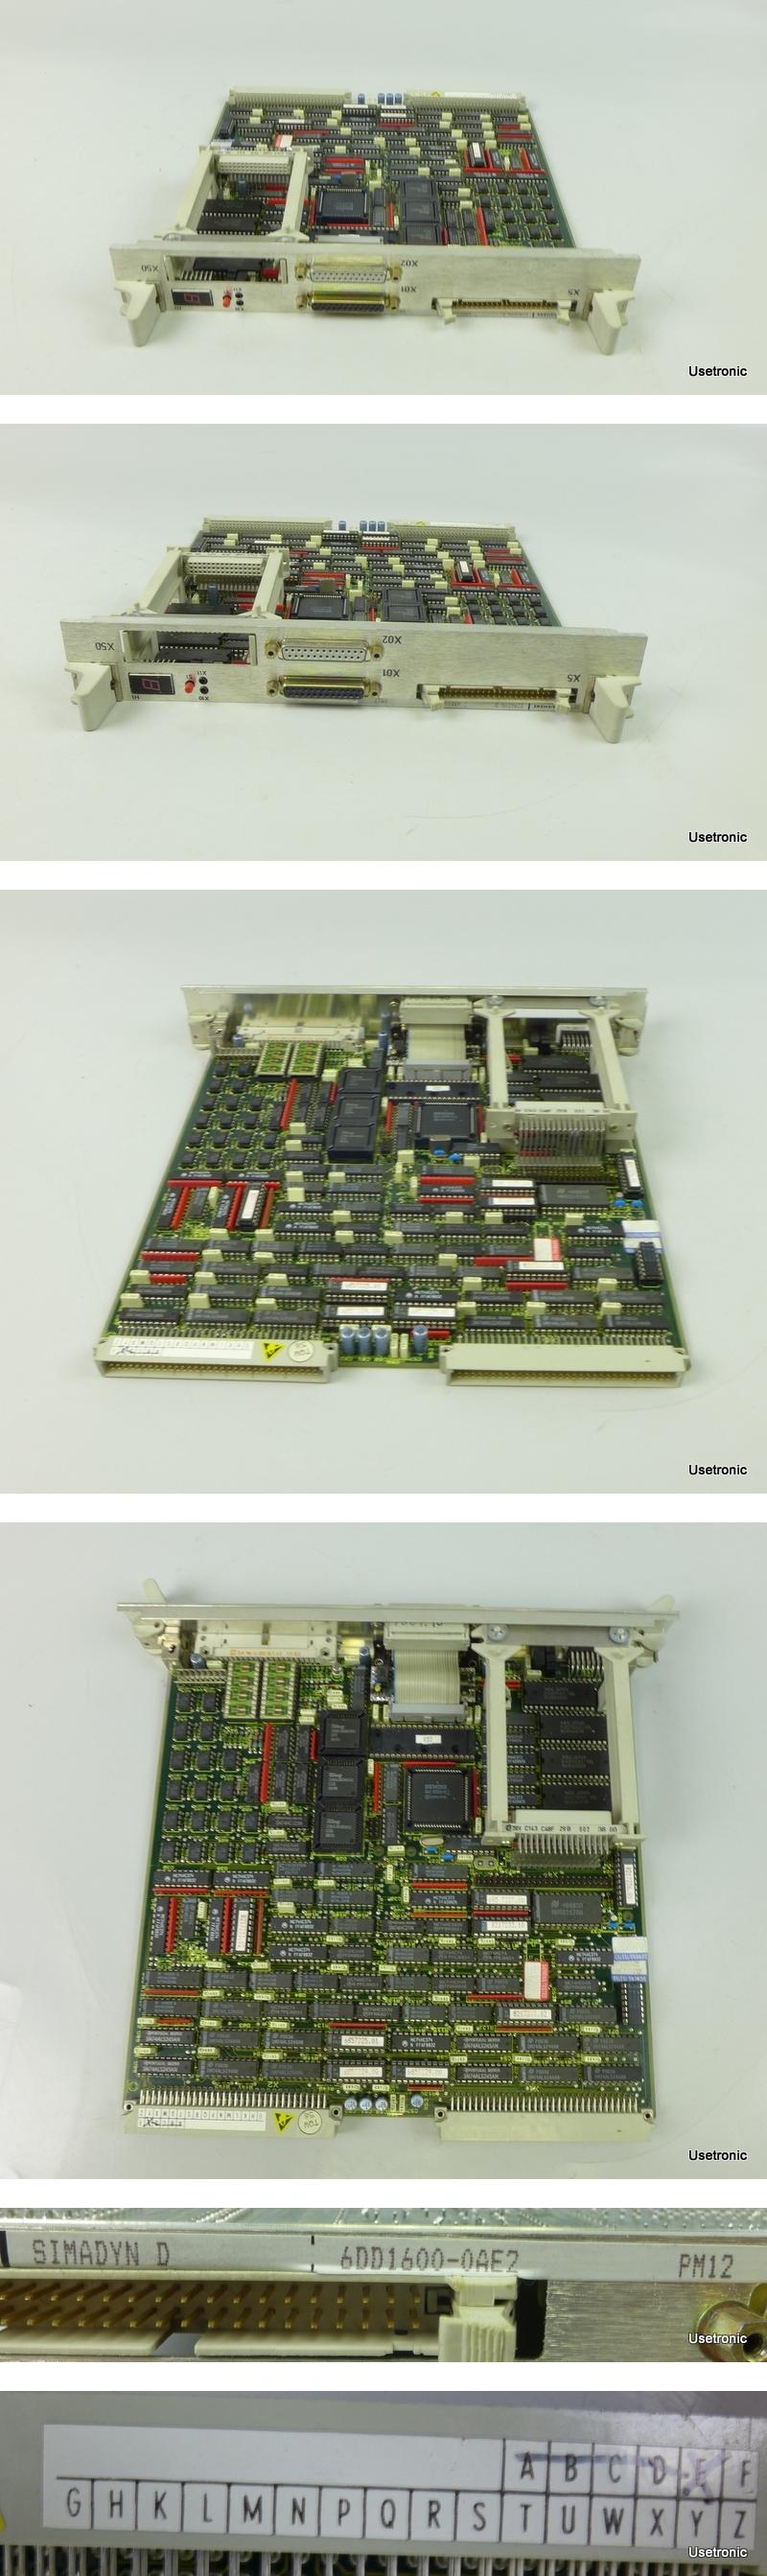 Siemens 6DD1600-0AE2